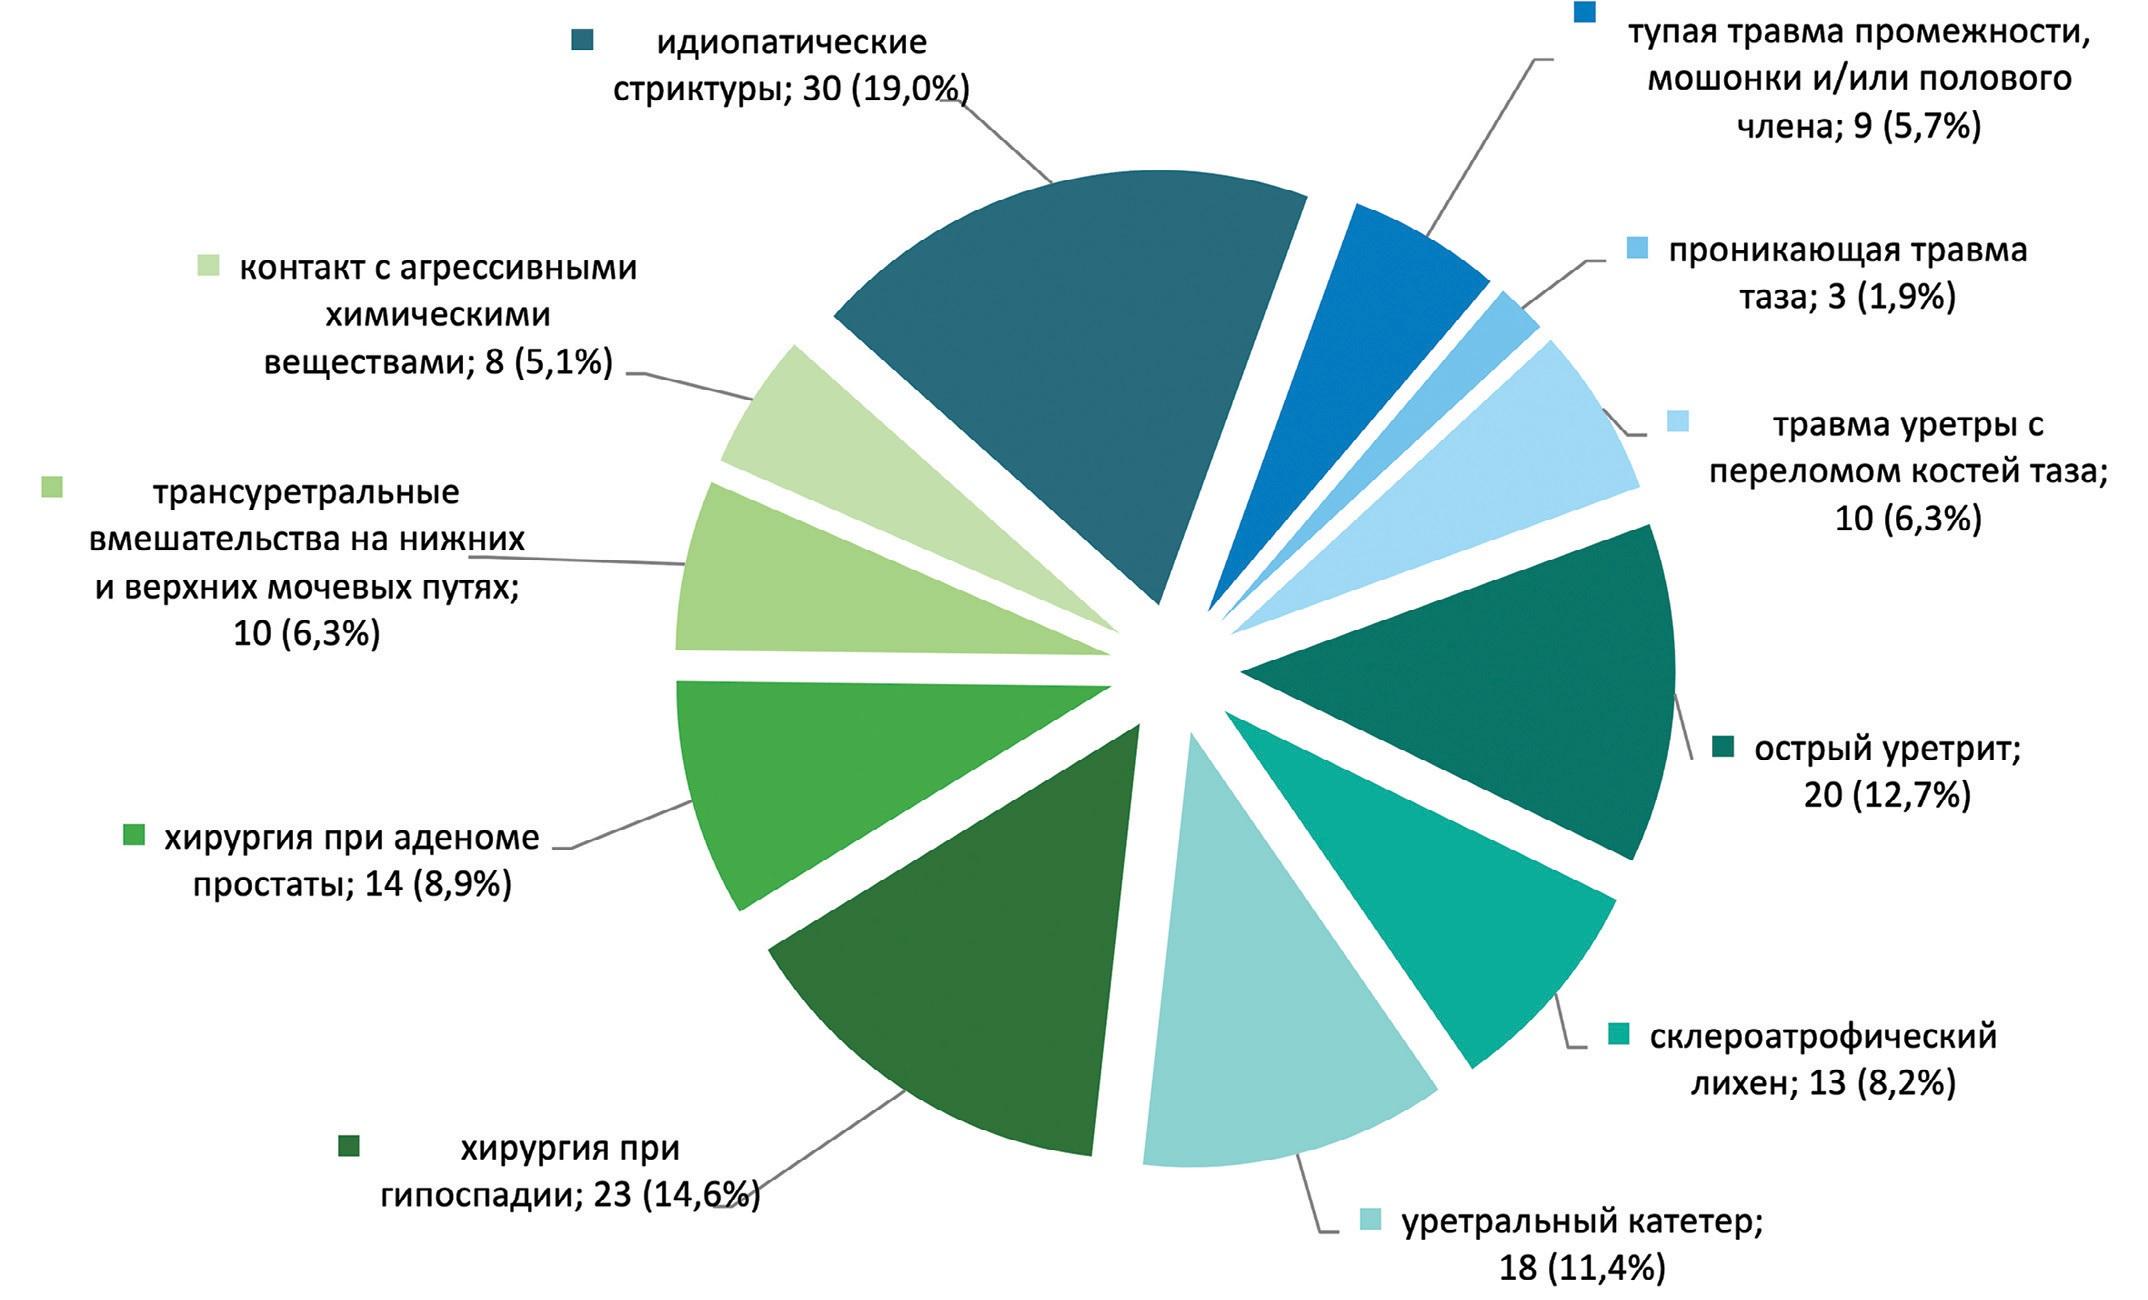 Рис. 1. Распределение пациентов по этиологии стриктур уретры